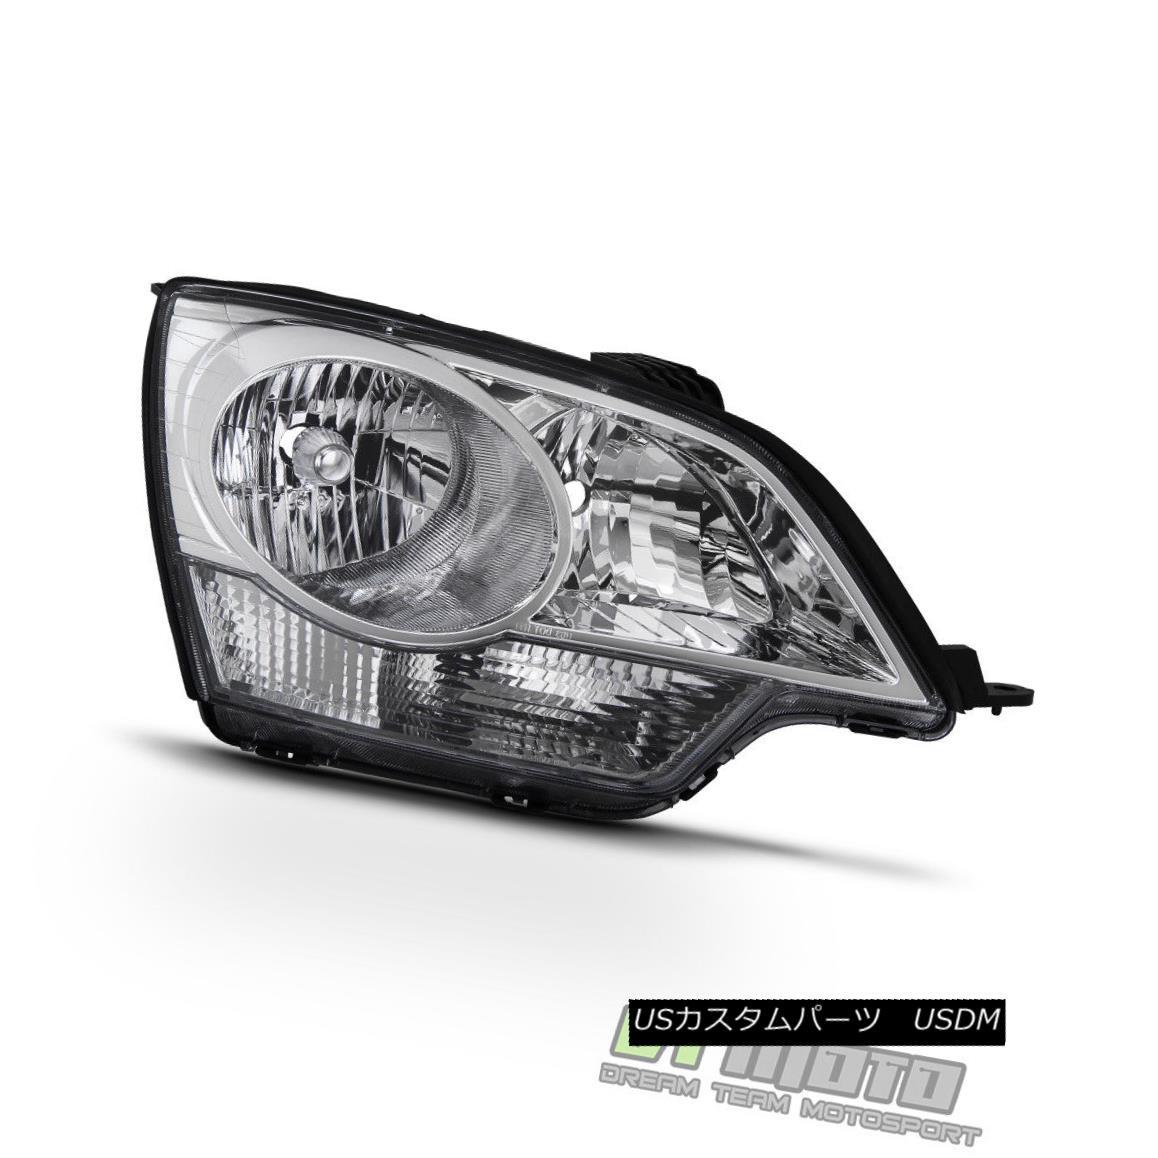 ヘッドライト 2008-2010 Saturn VUE 2012-2014 Captiva Sport Headlight Headlamp Passenger Side 2008-2010 Saturn VUE 2012-2014 Captiva Sportヘッドライトヘッドランプ乗客側